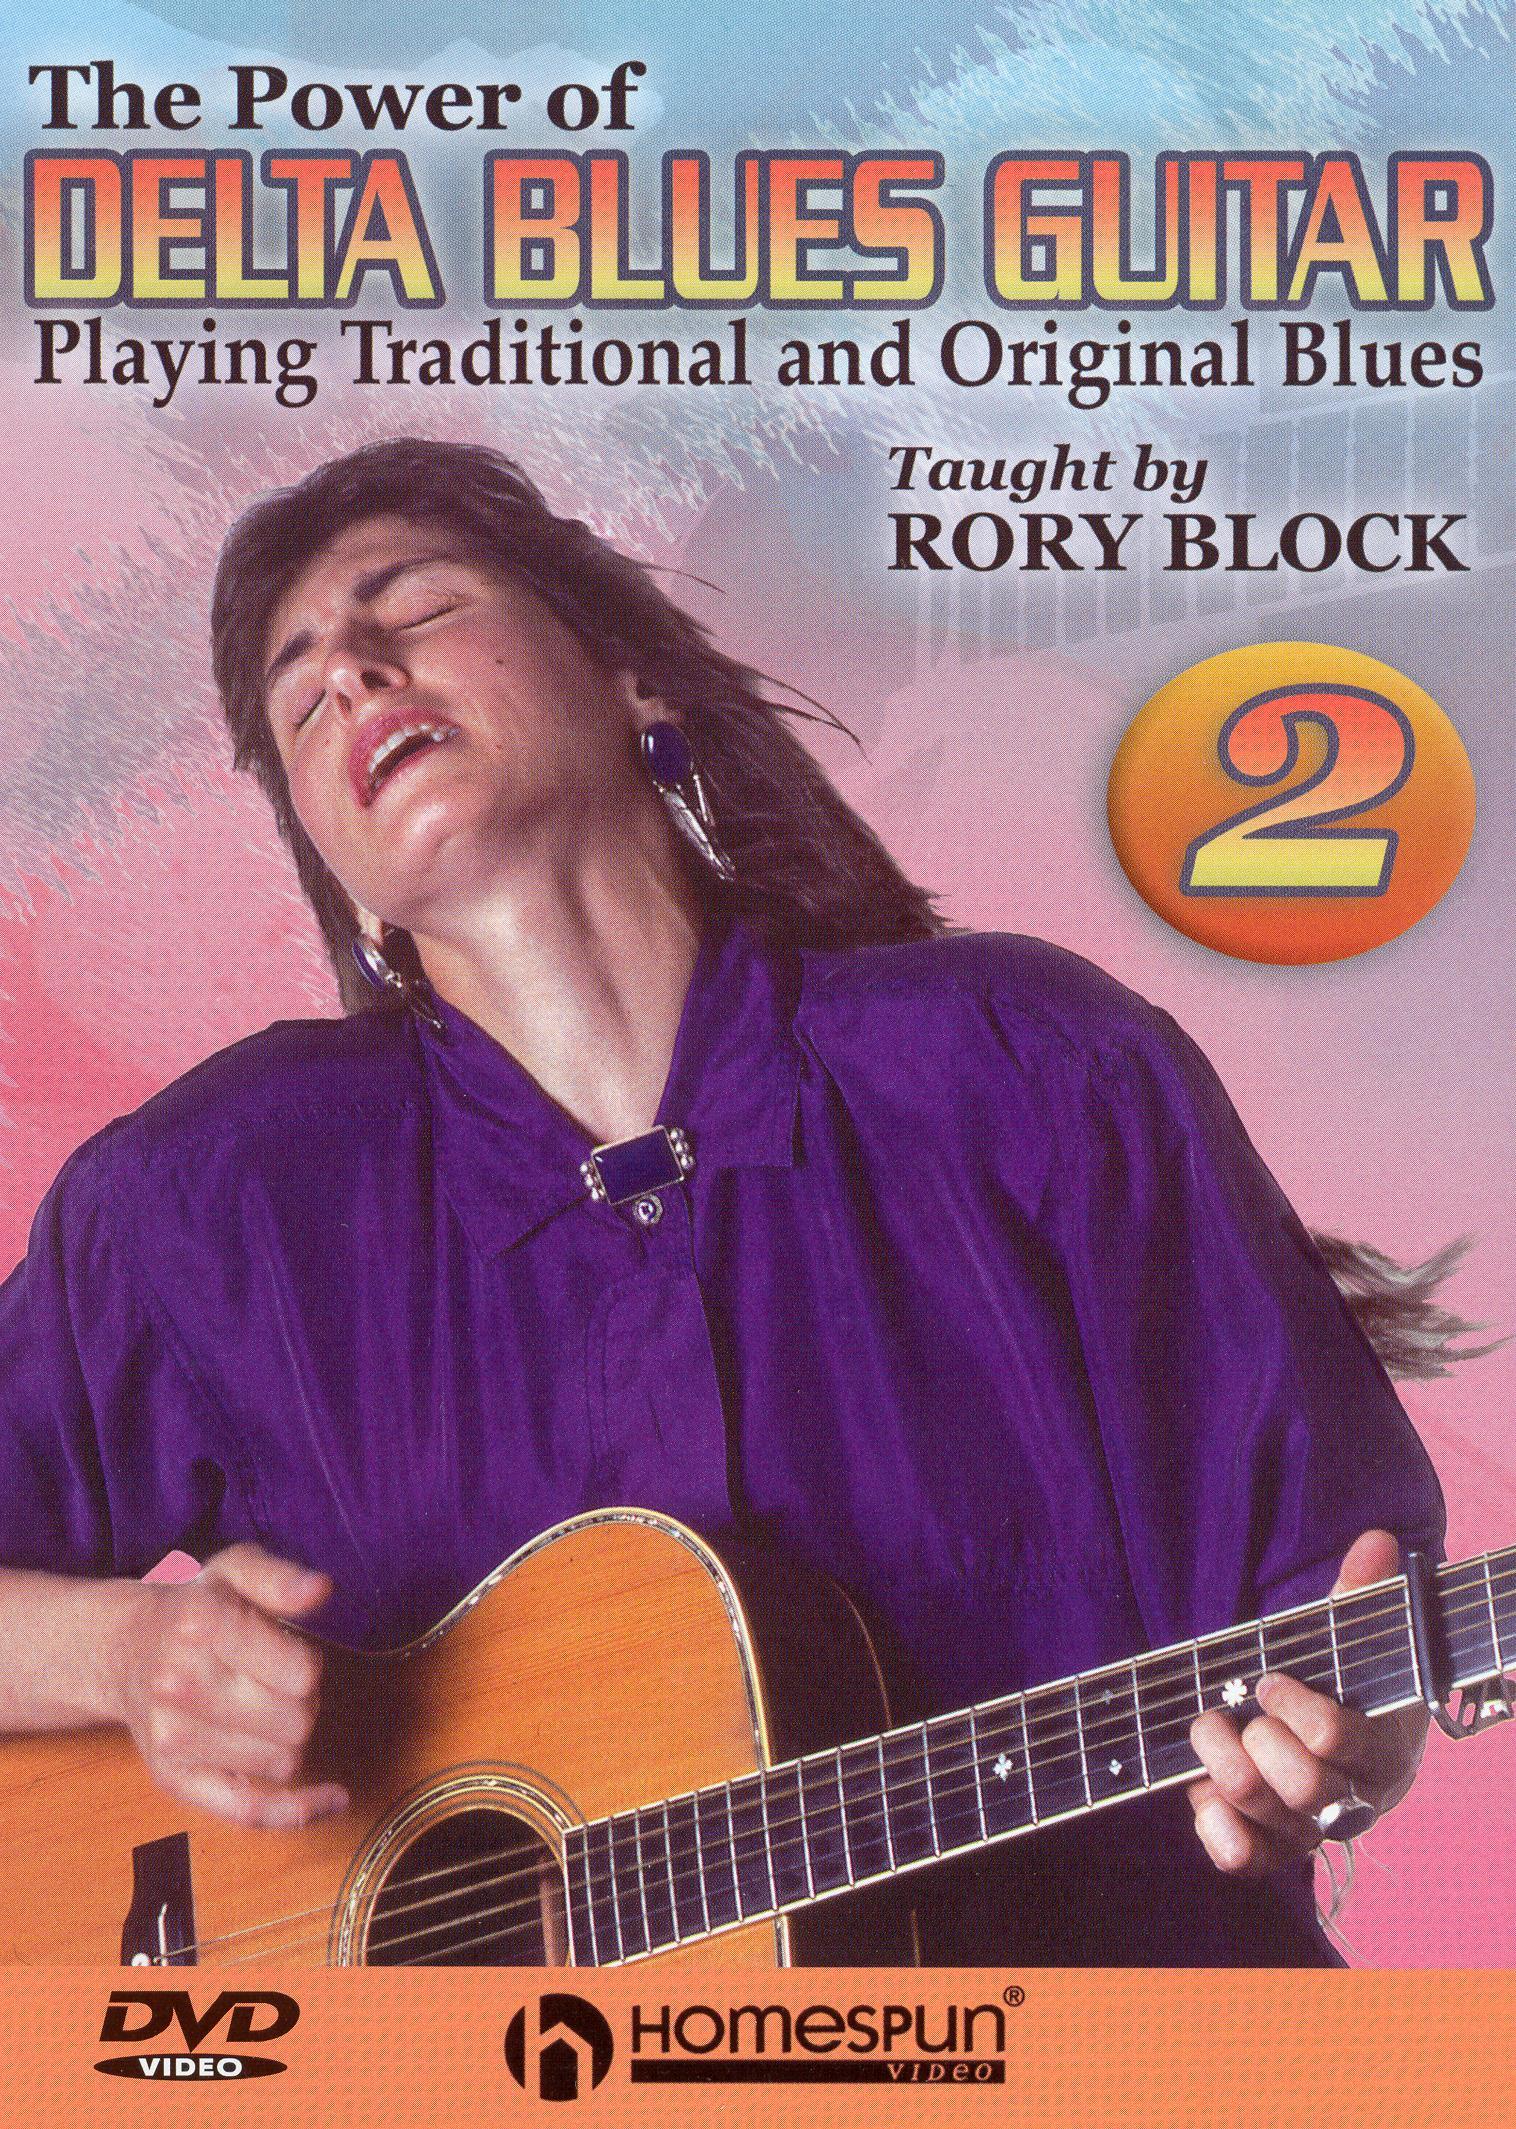 The Power of Delta Blues Guitar, Vol. 2